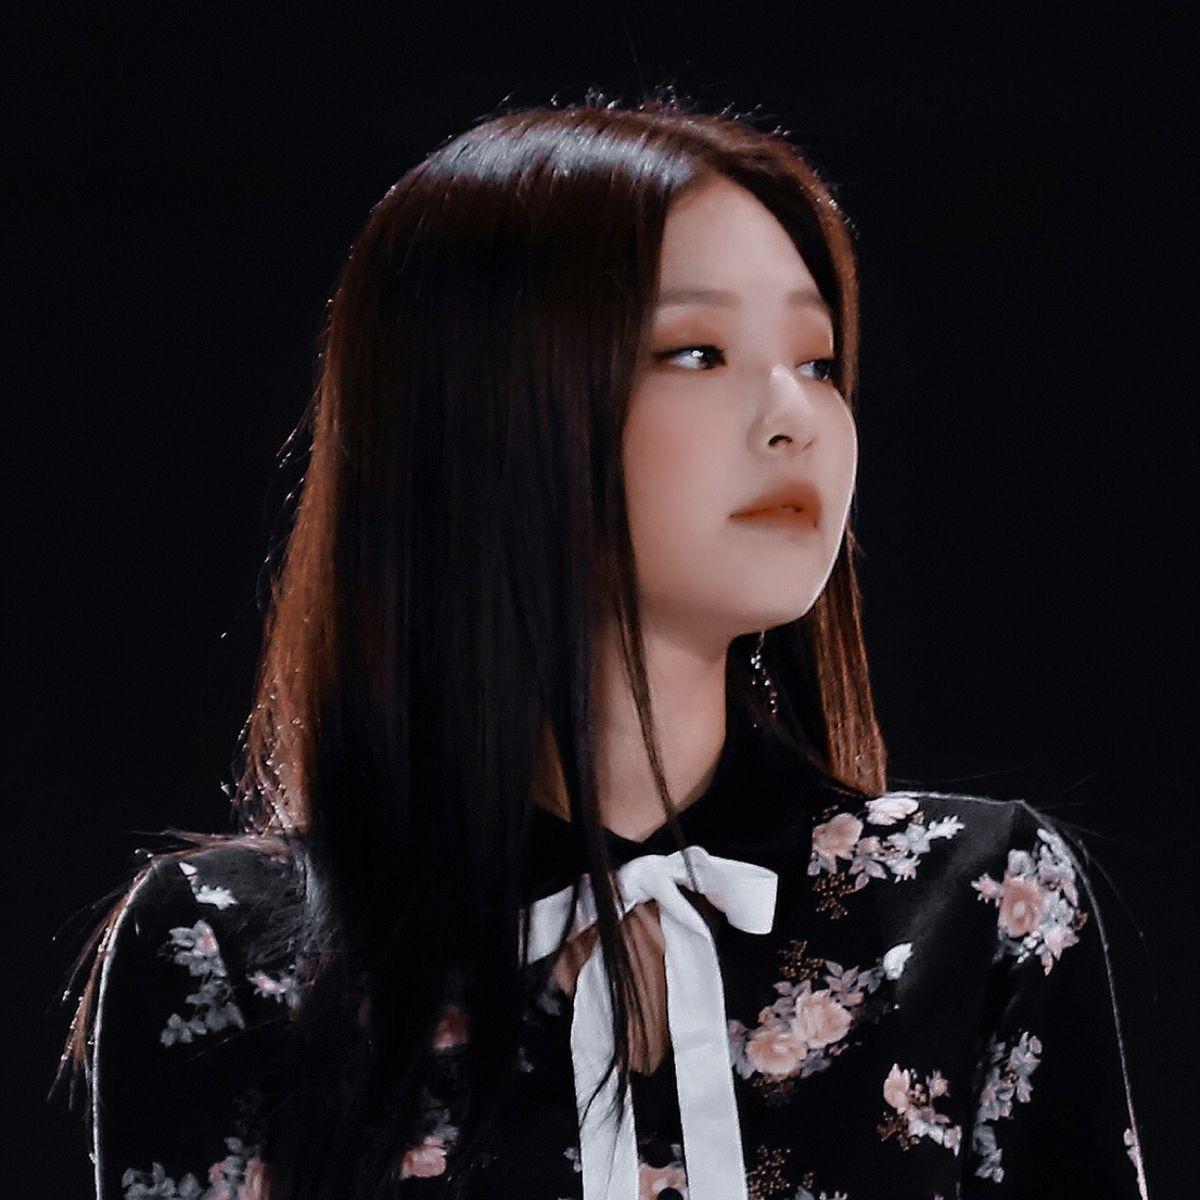 𝐉𝐍𝐊 𓍯 𝐝𝐞𝐬𝐜︰jennie. jennie kim. jennie edit. jennie lq ...